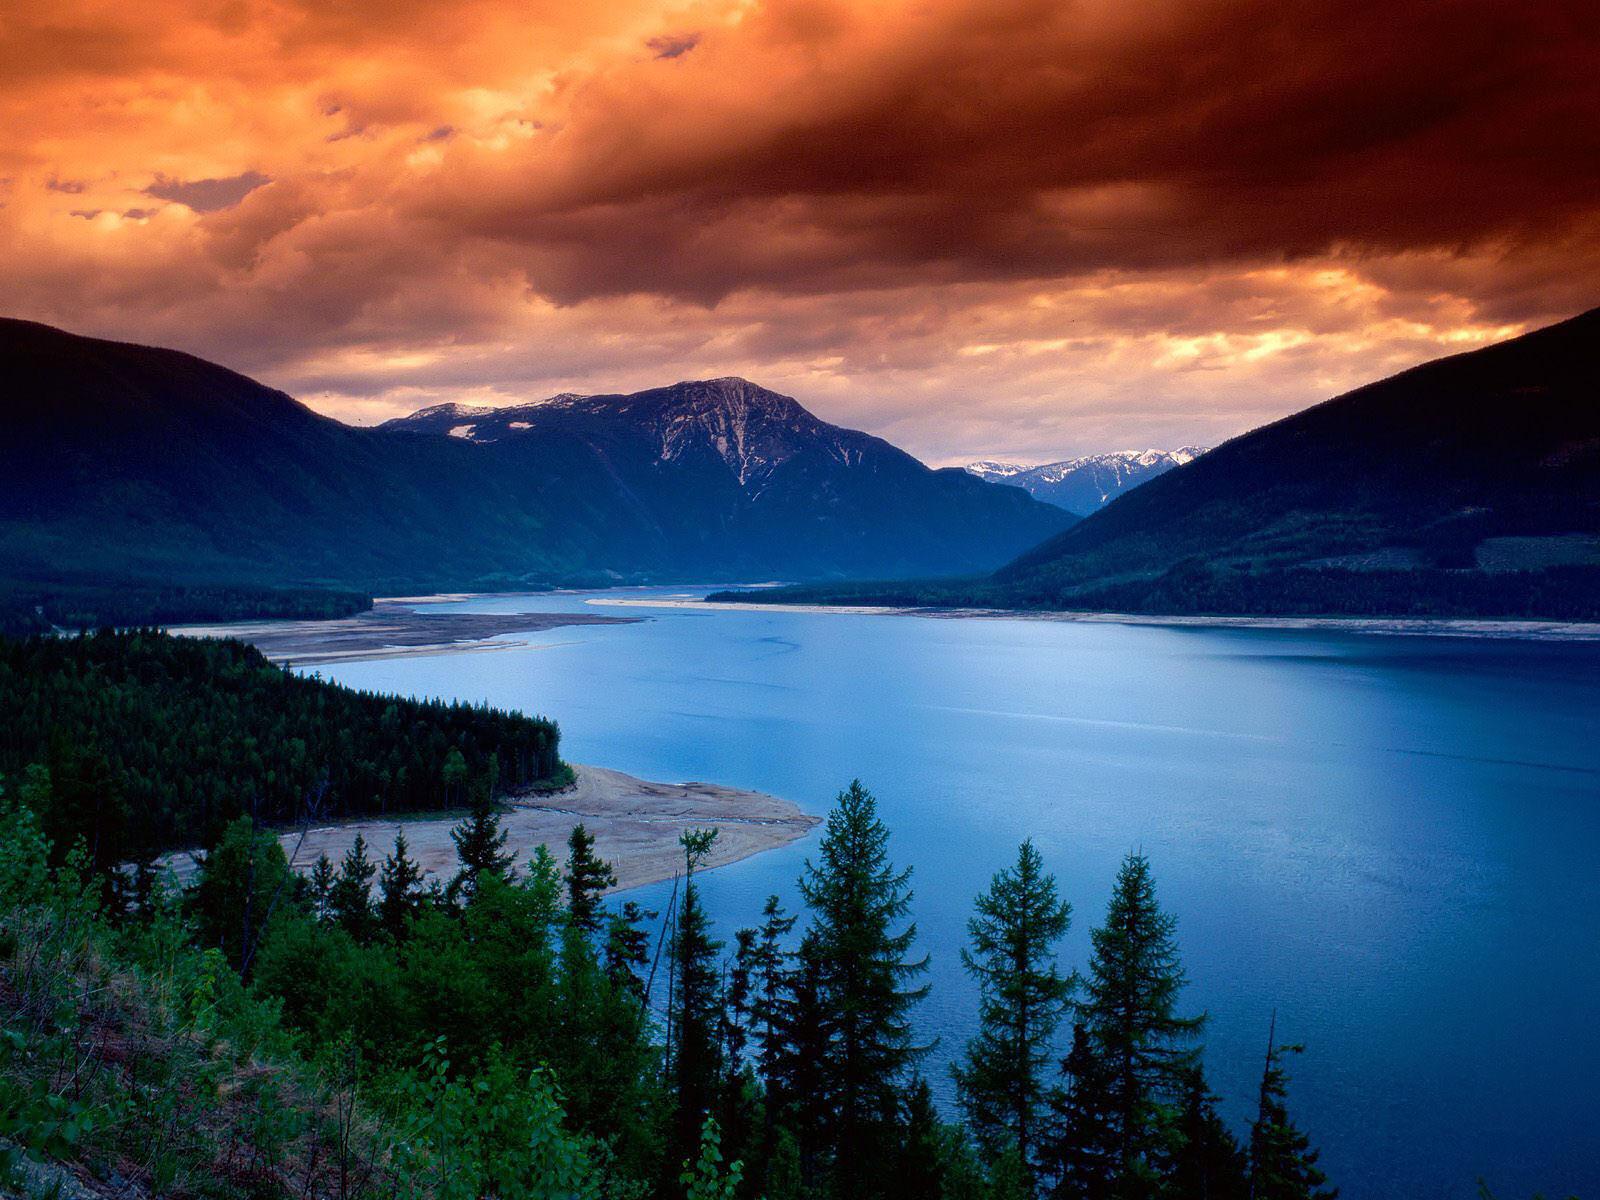 http://1.bp.blogspot.com/_euRtaEmNtFo/TFaqXMUU_UI/AAAAAAAAA8E/soeTXFttm0o/s1600/HD+Nature+Wallpaper.jpg